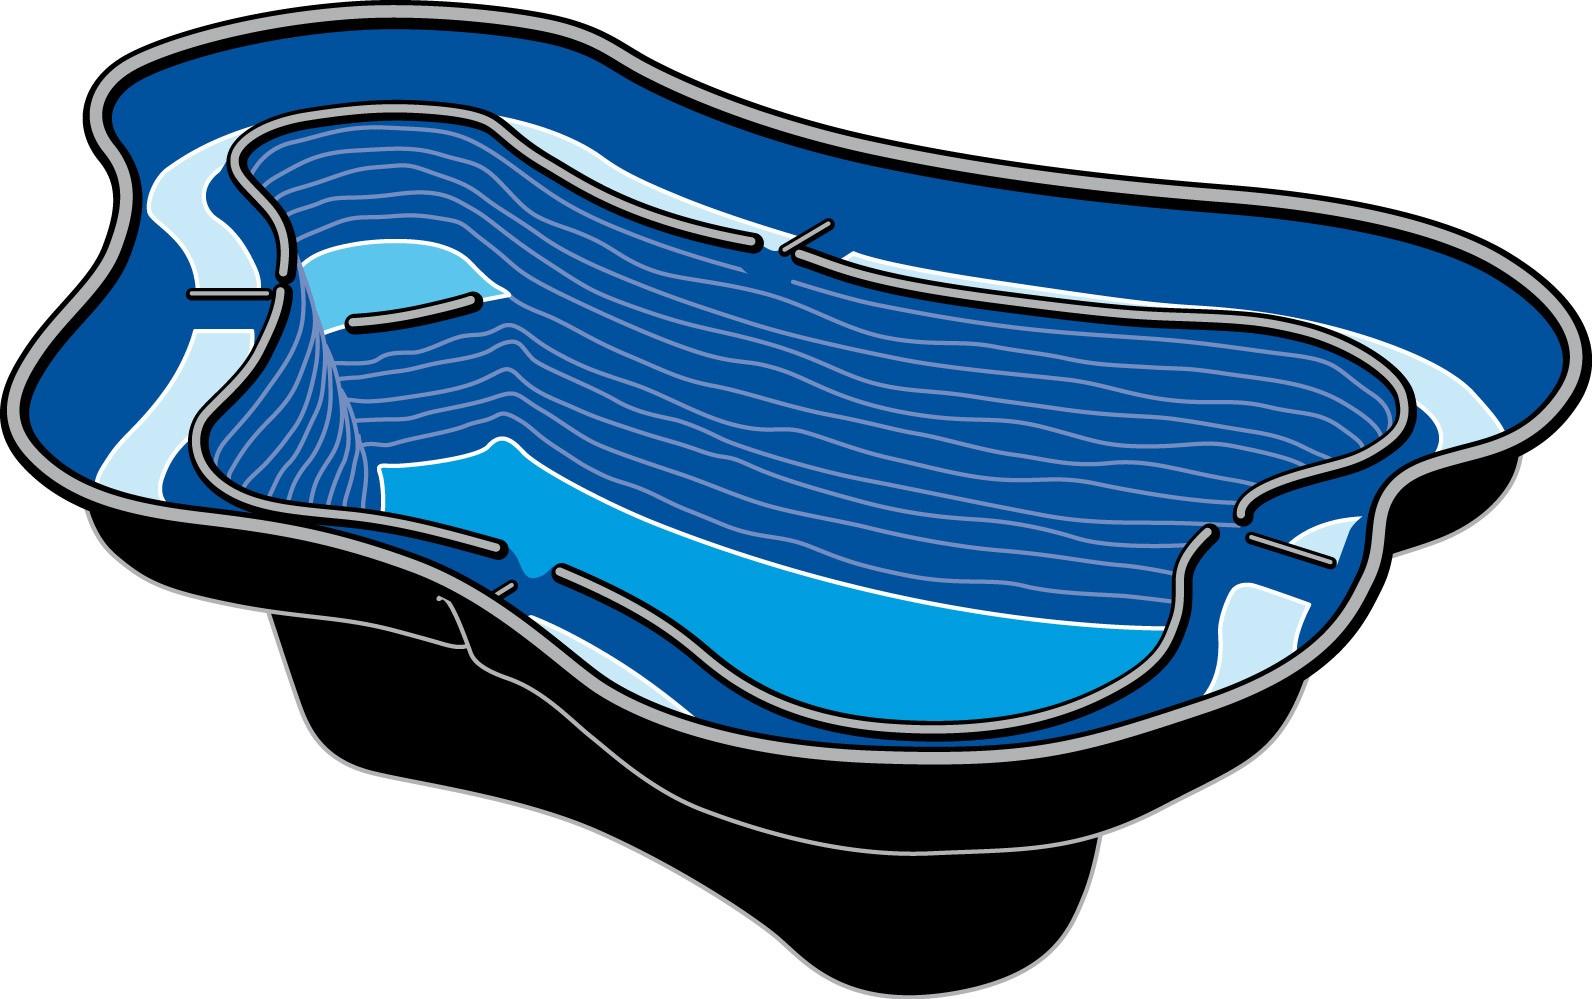 ubbink voorgevormde vijver - calmus siv